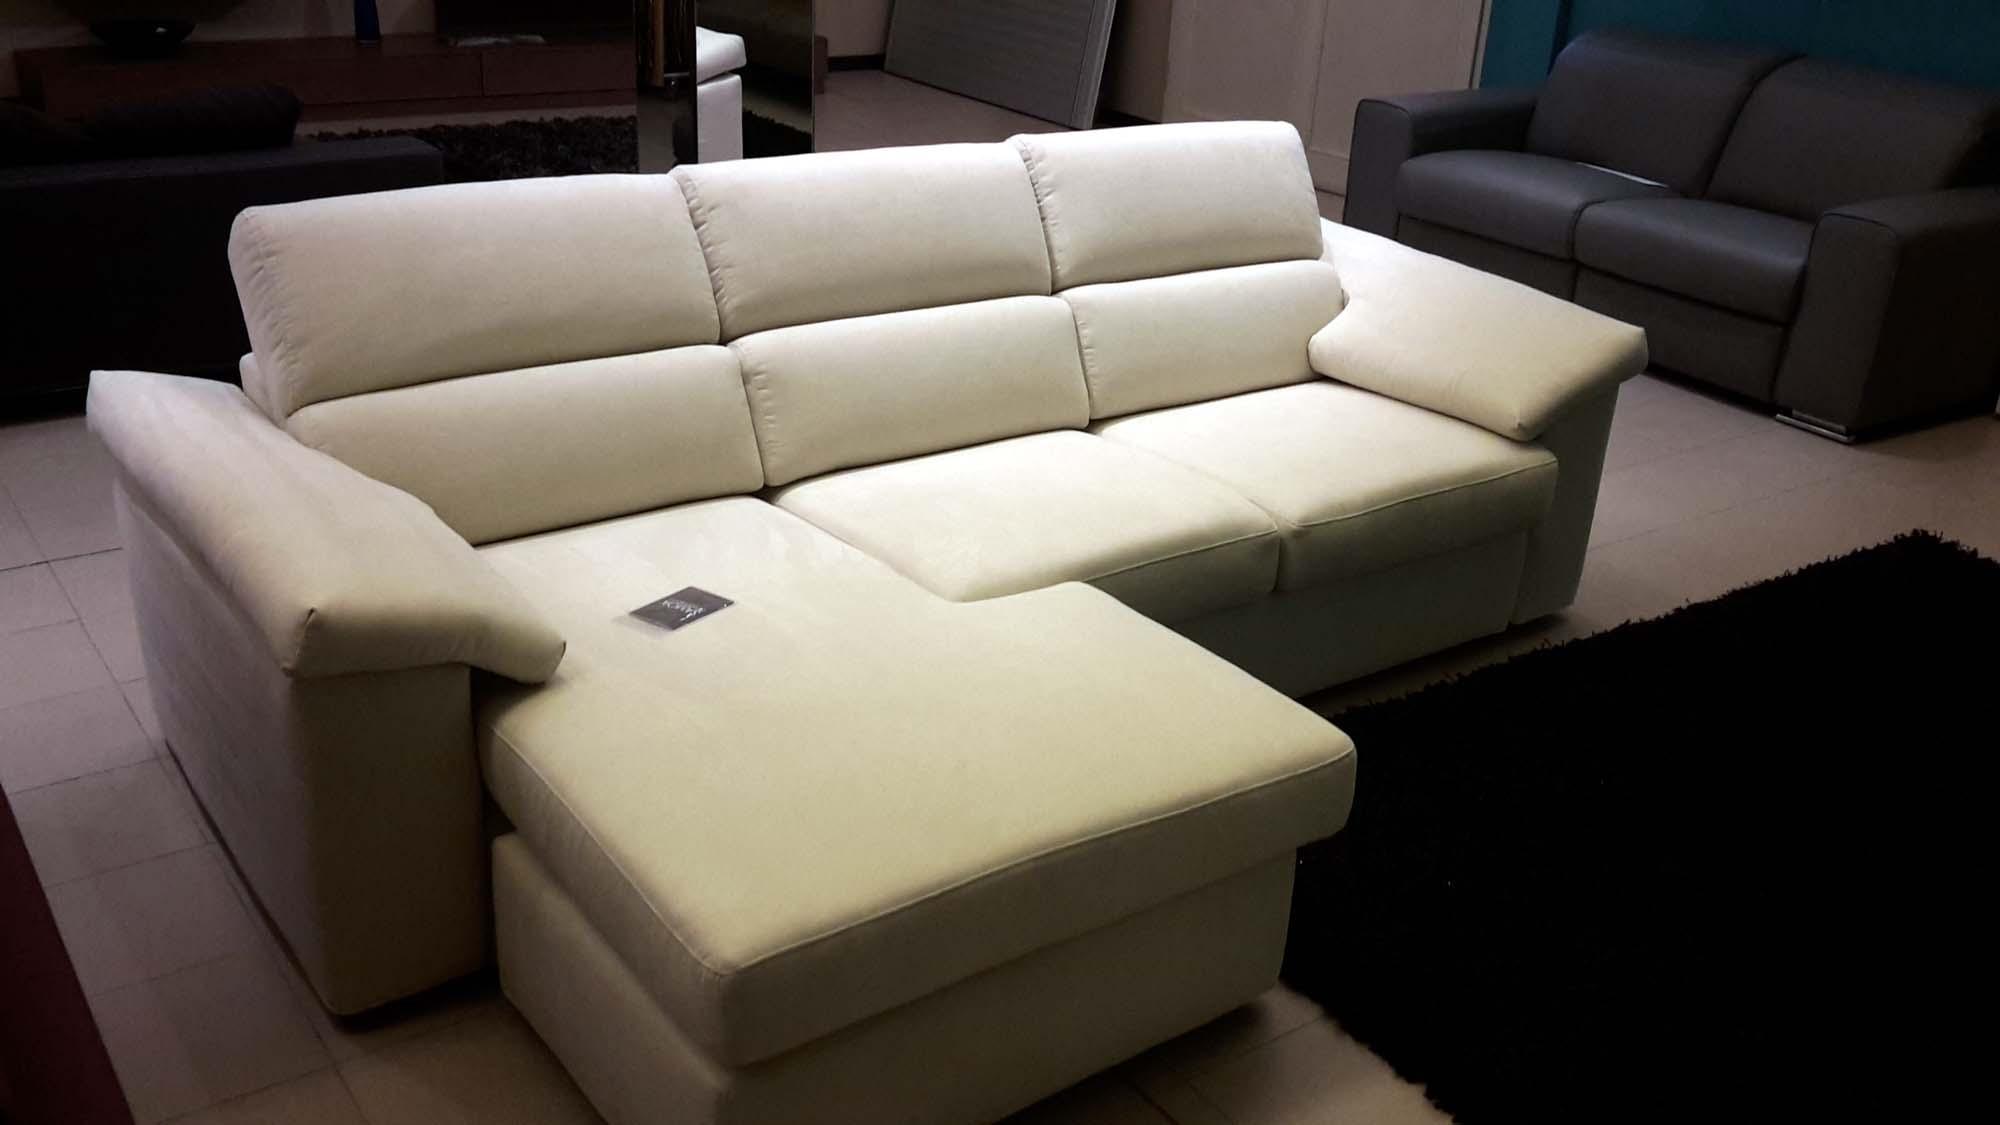 Samoa divani prezzi idee di design per la casa for Divani design prezzi